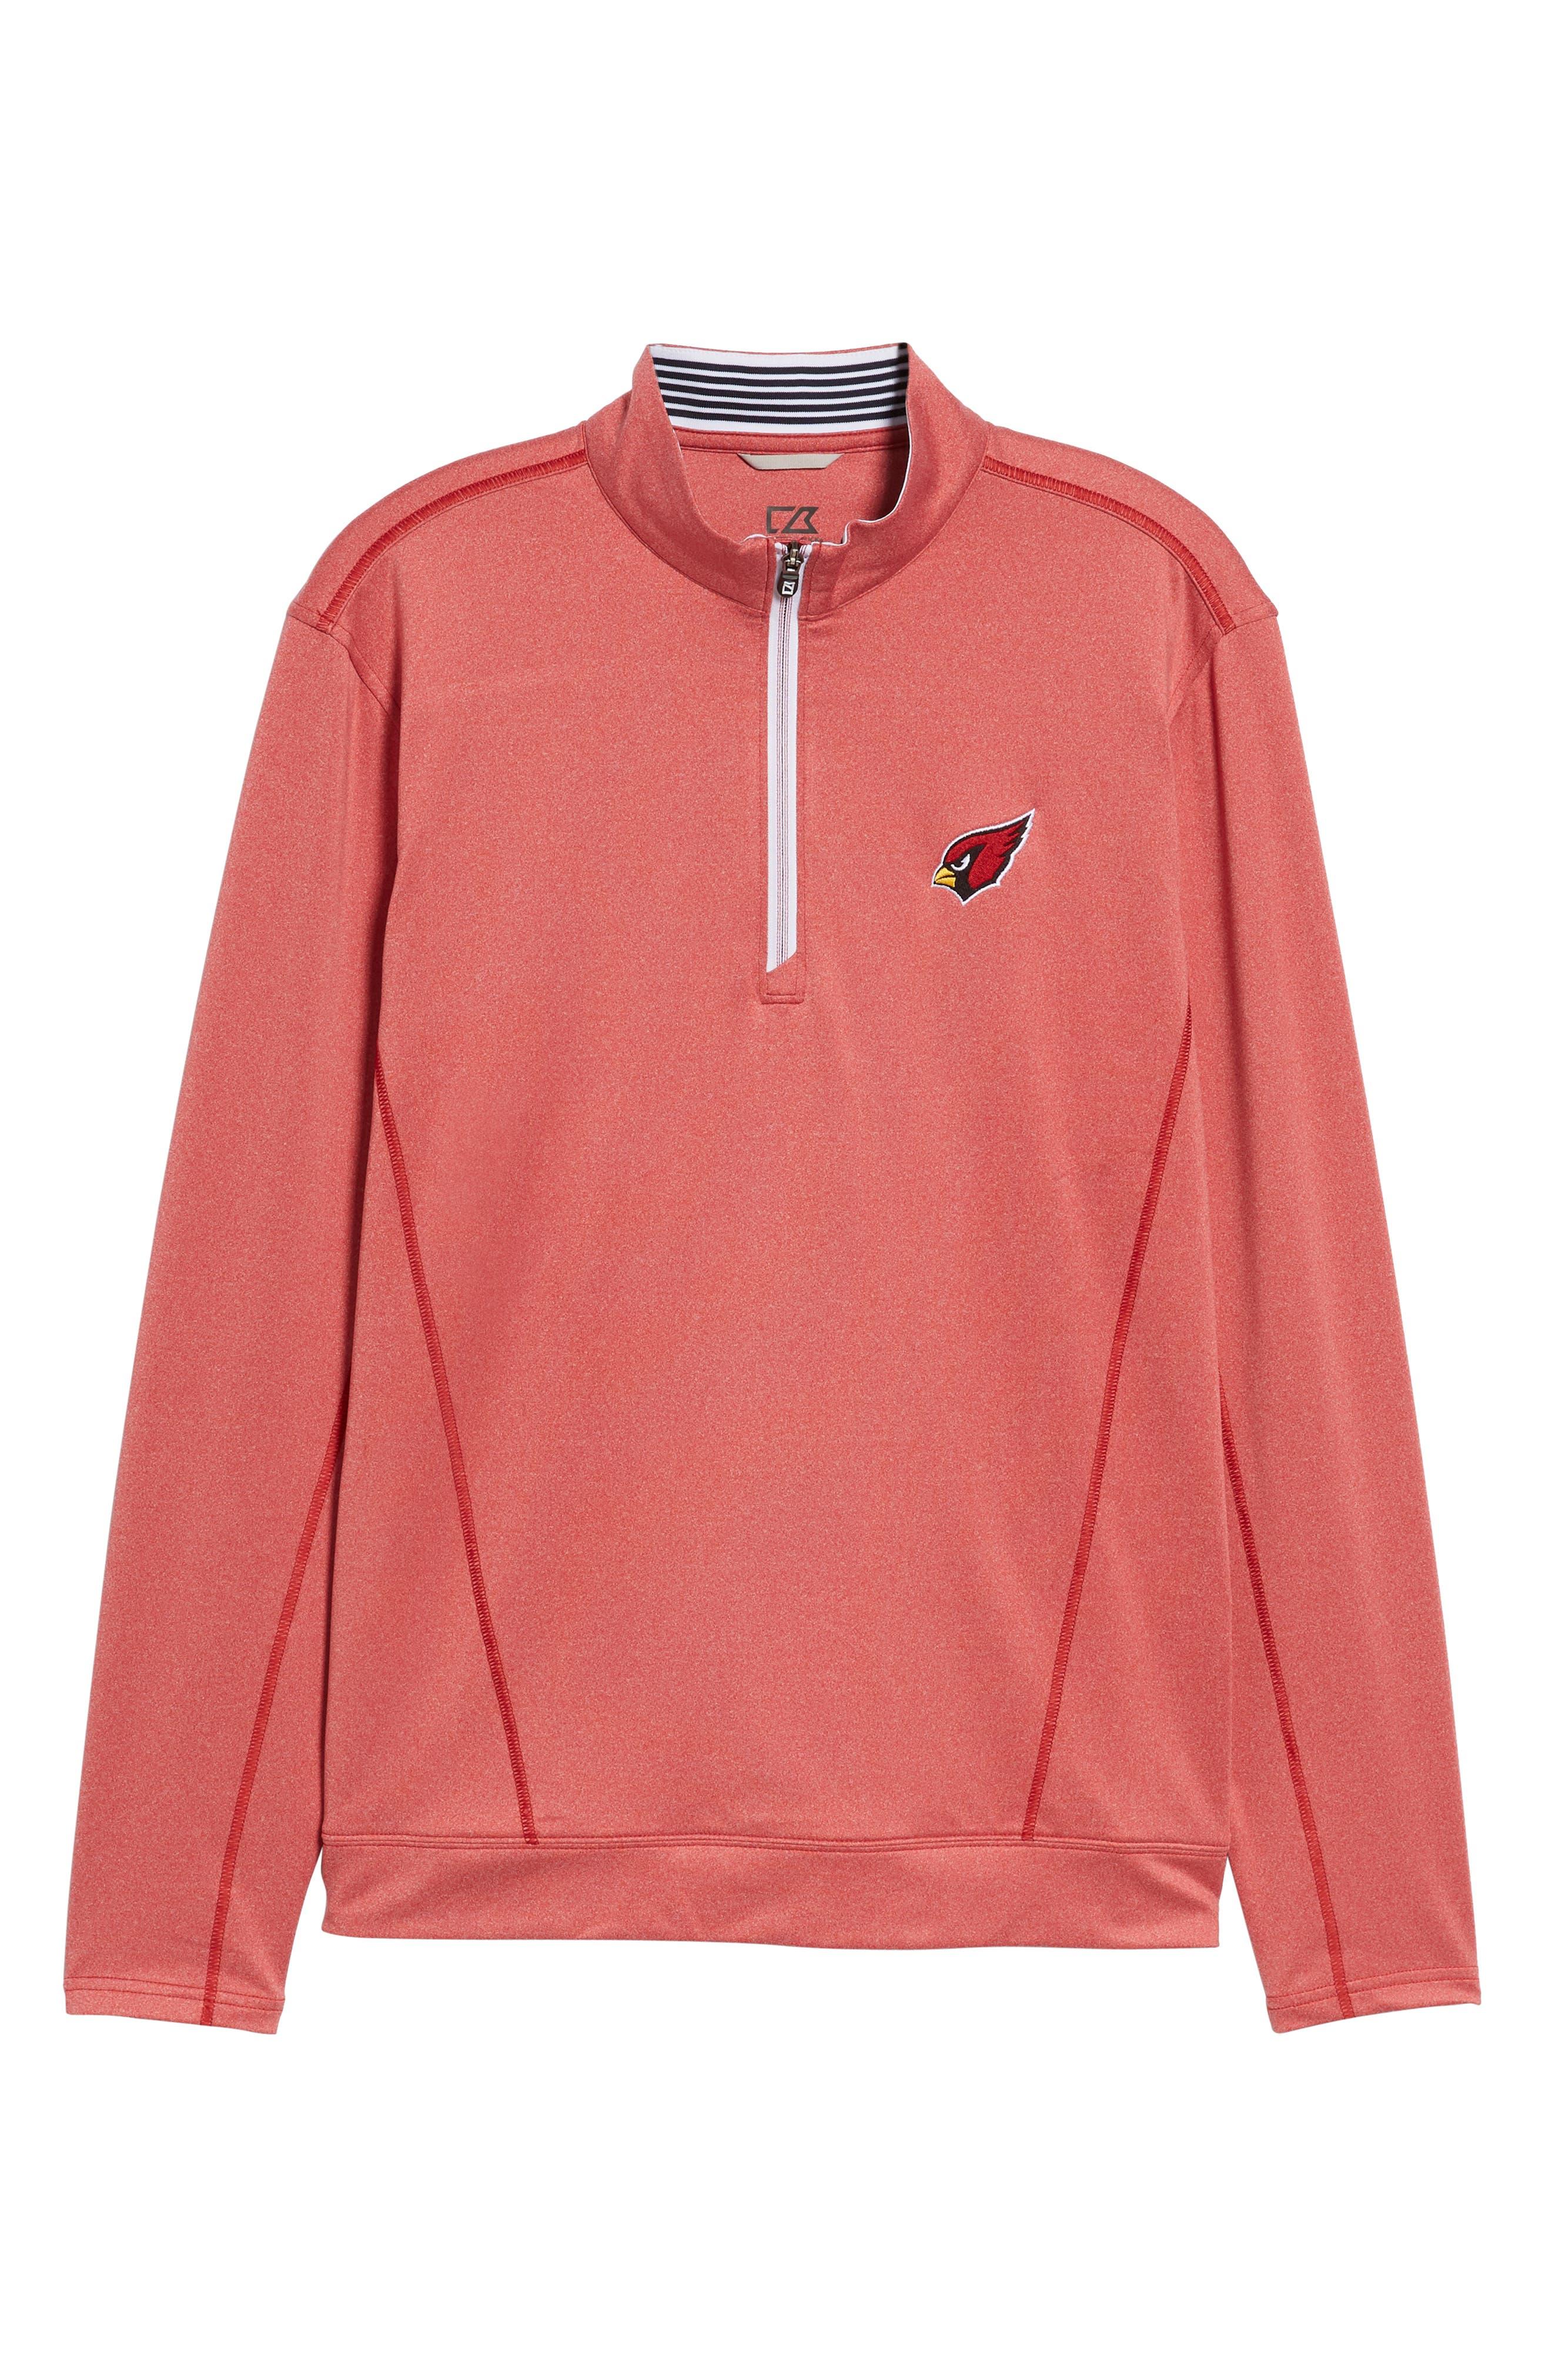 Endurance Arizona Cardinals Regular Fit Pullover,                             Alternate thumbnail 6, color,                             CARDINAL RED HEATHER